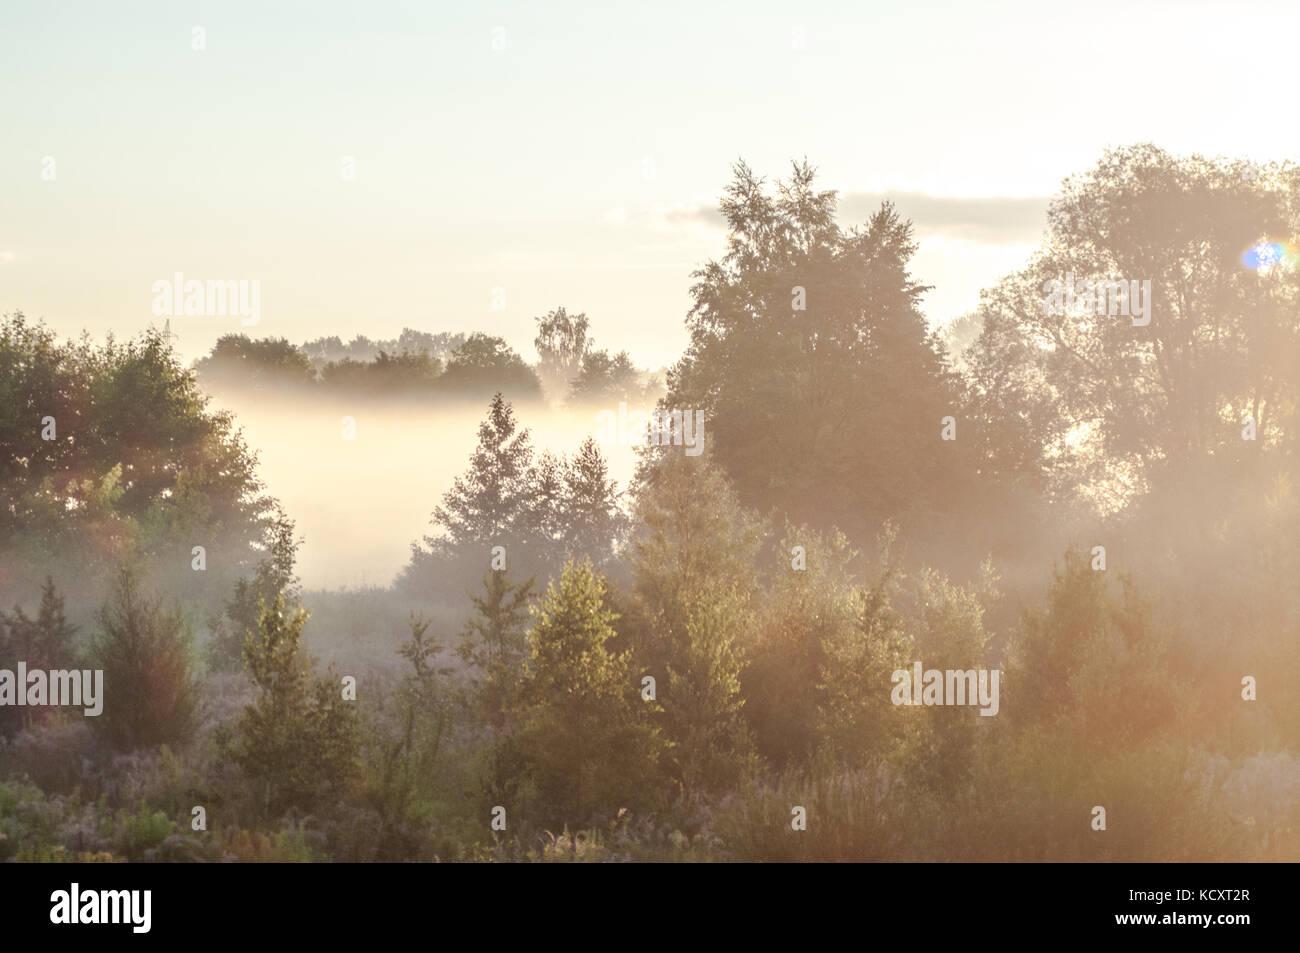 Belle scène de matin. Paysage letton avec champs brumeux. Photo Stock